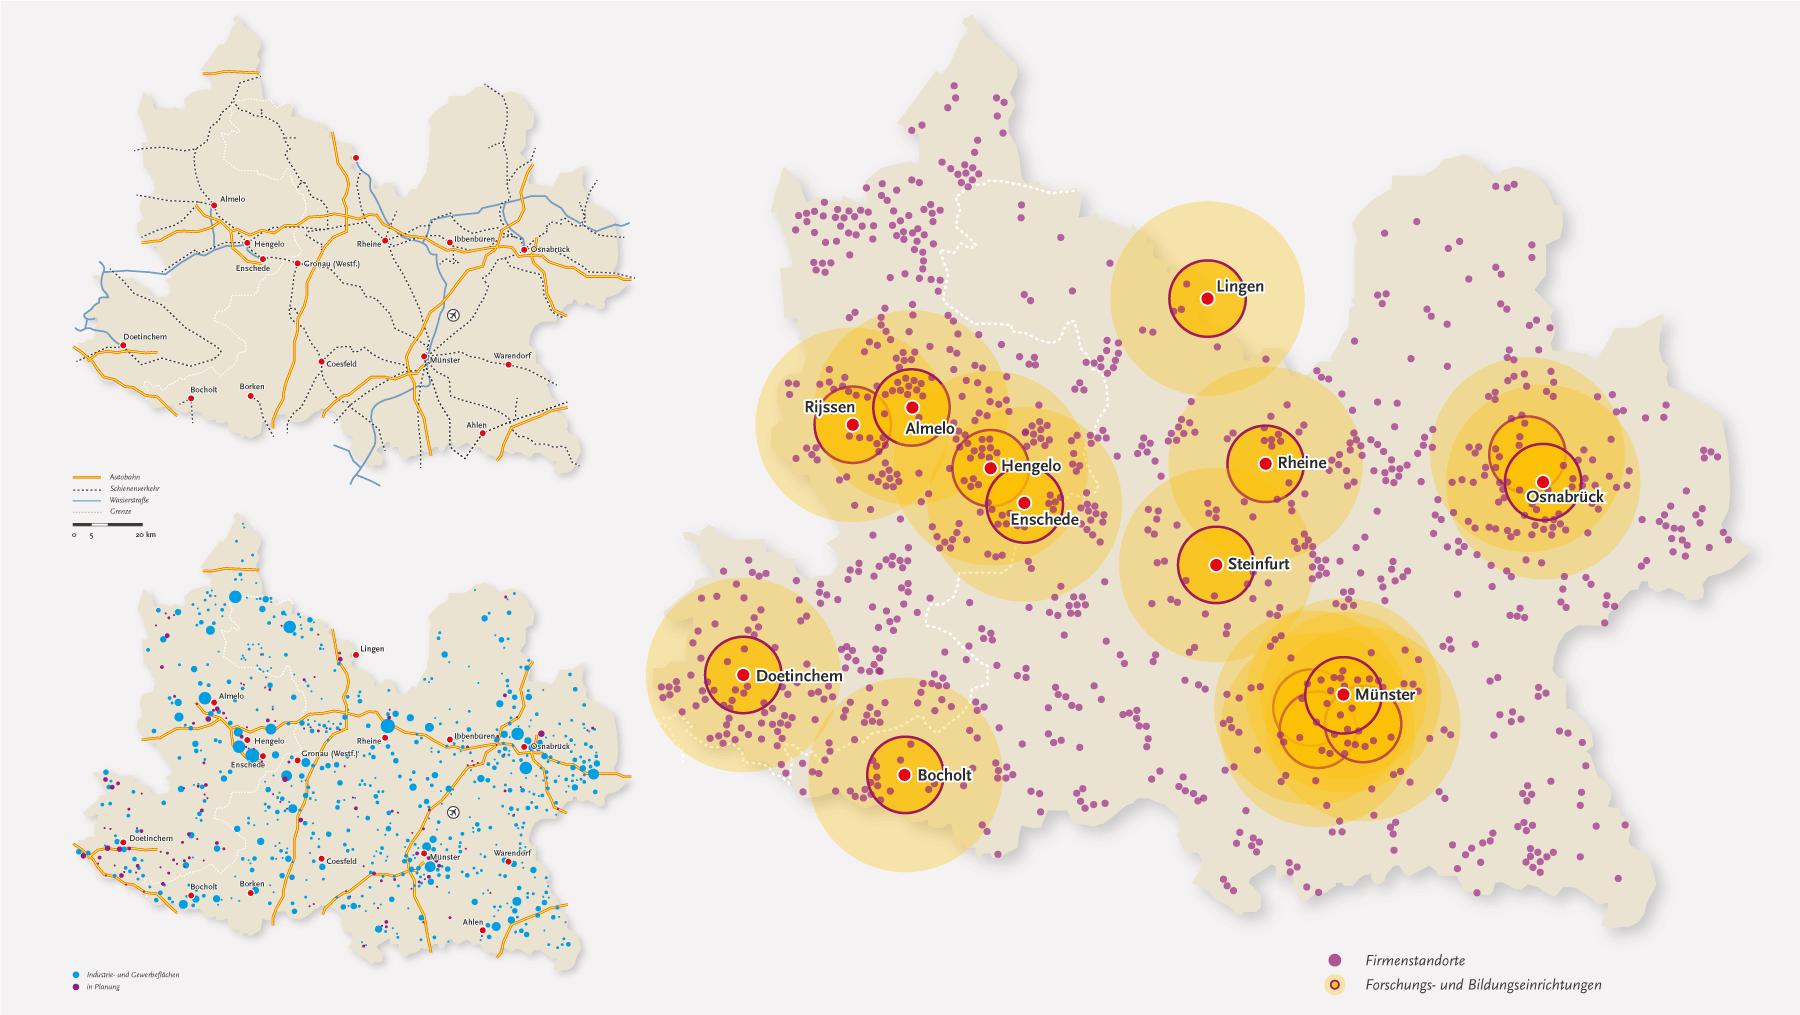 Euregio-Karten-Firmen-Industrie-Logistik-Forschung-Bildung-Infrastruktur